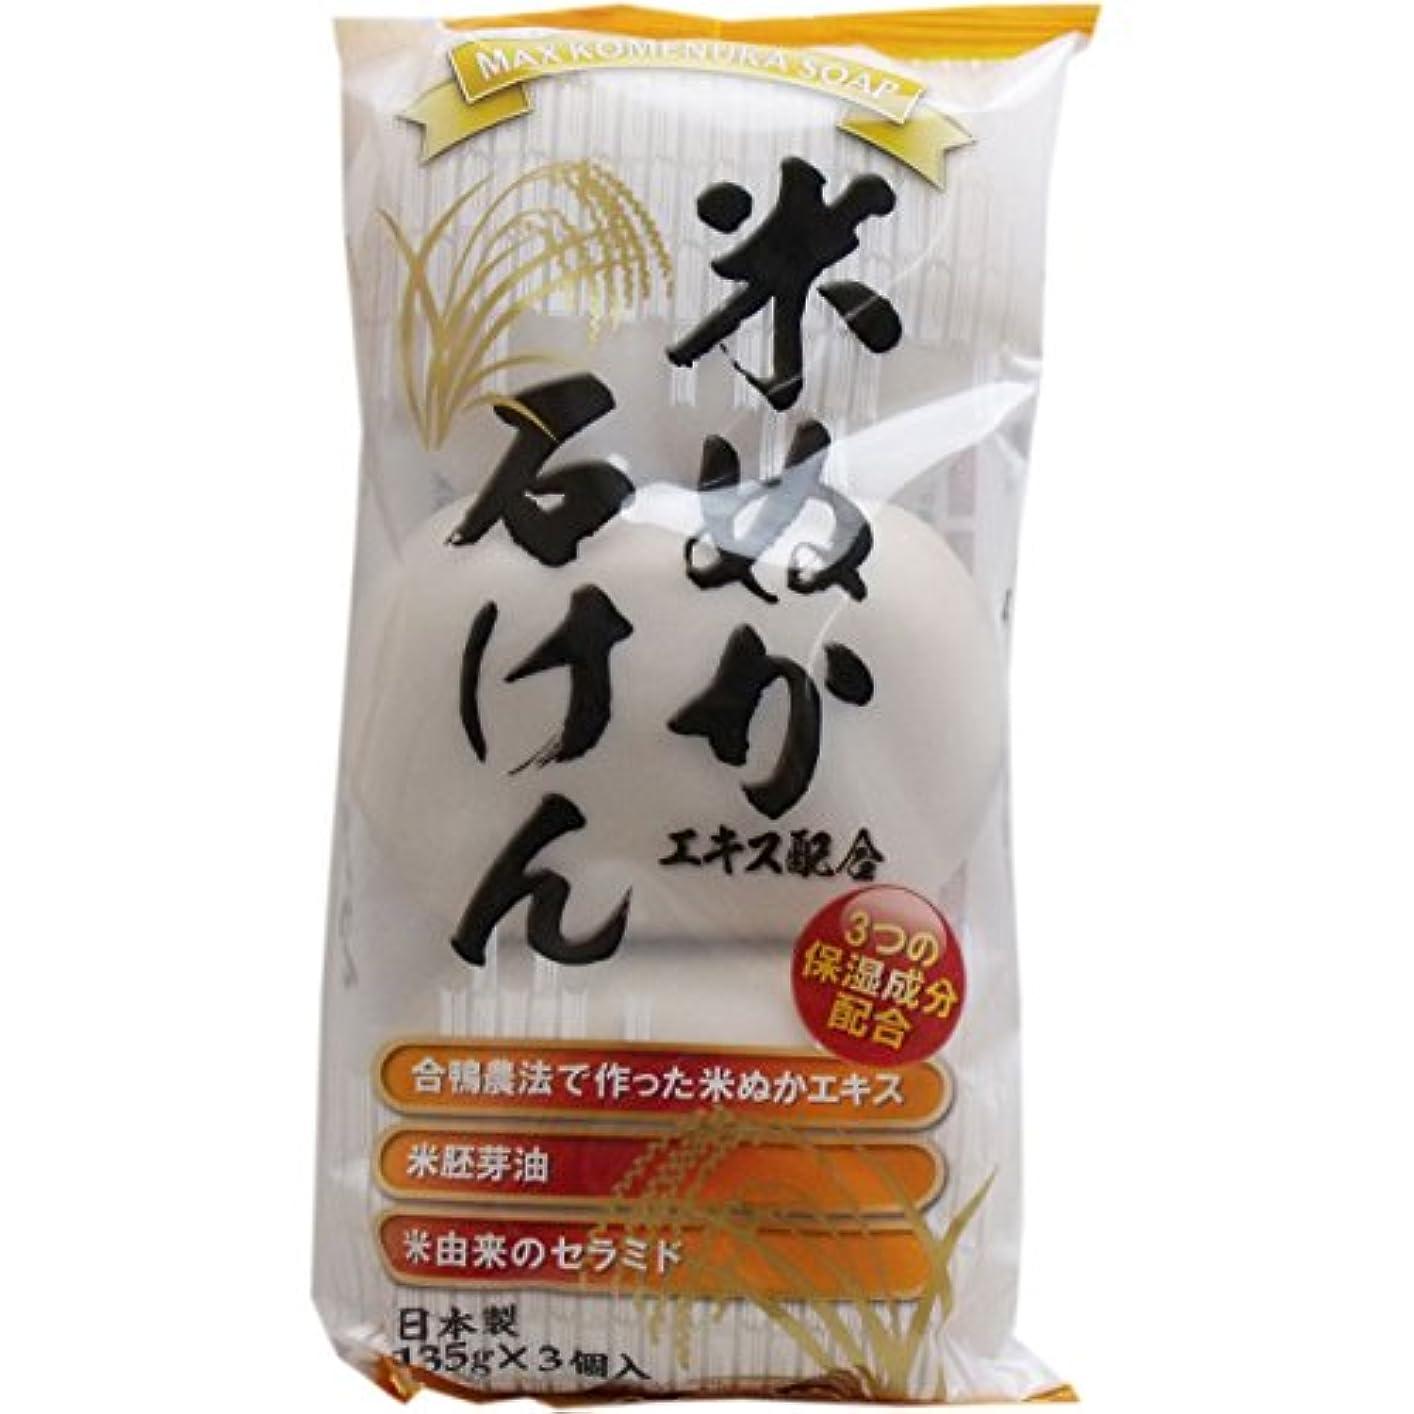 リクルート顧問受益者[マックス 1651695] (ケア商品)米ぬか石けん 135g×3個入